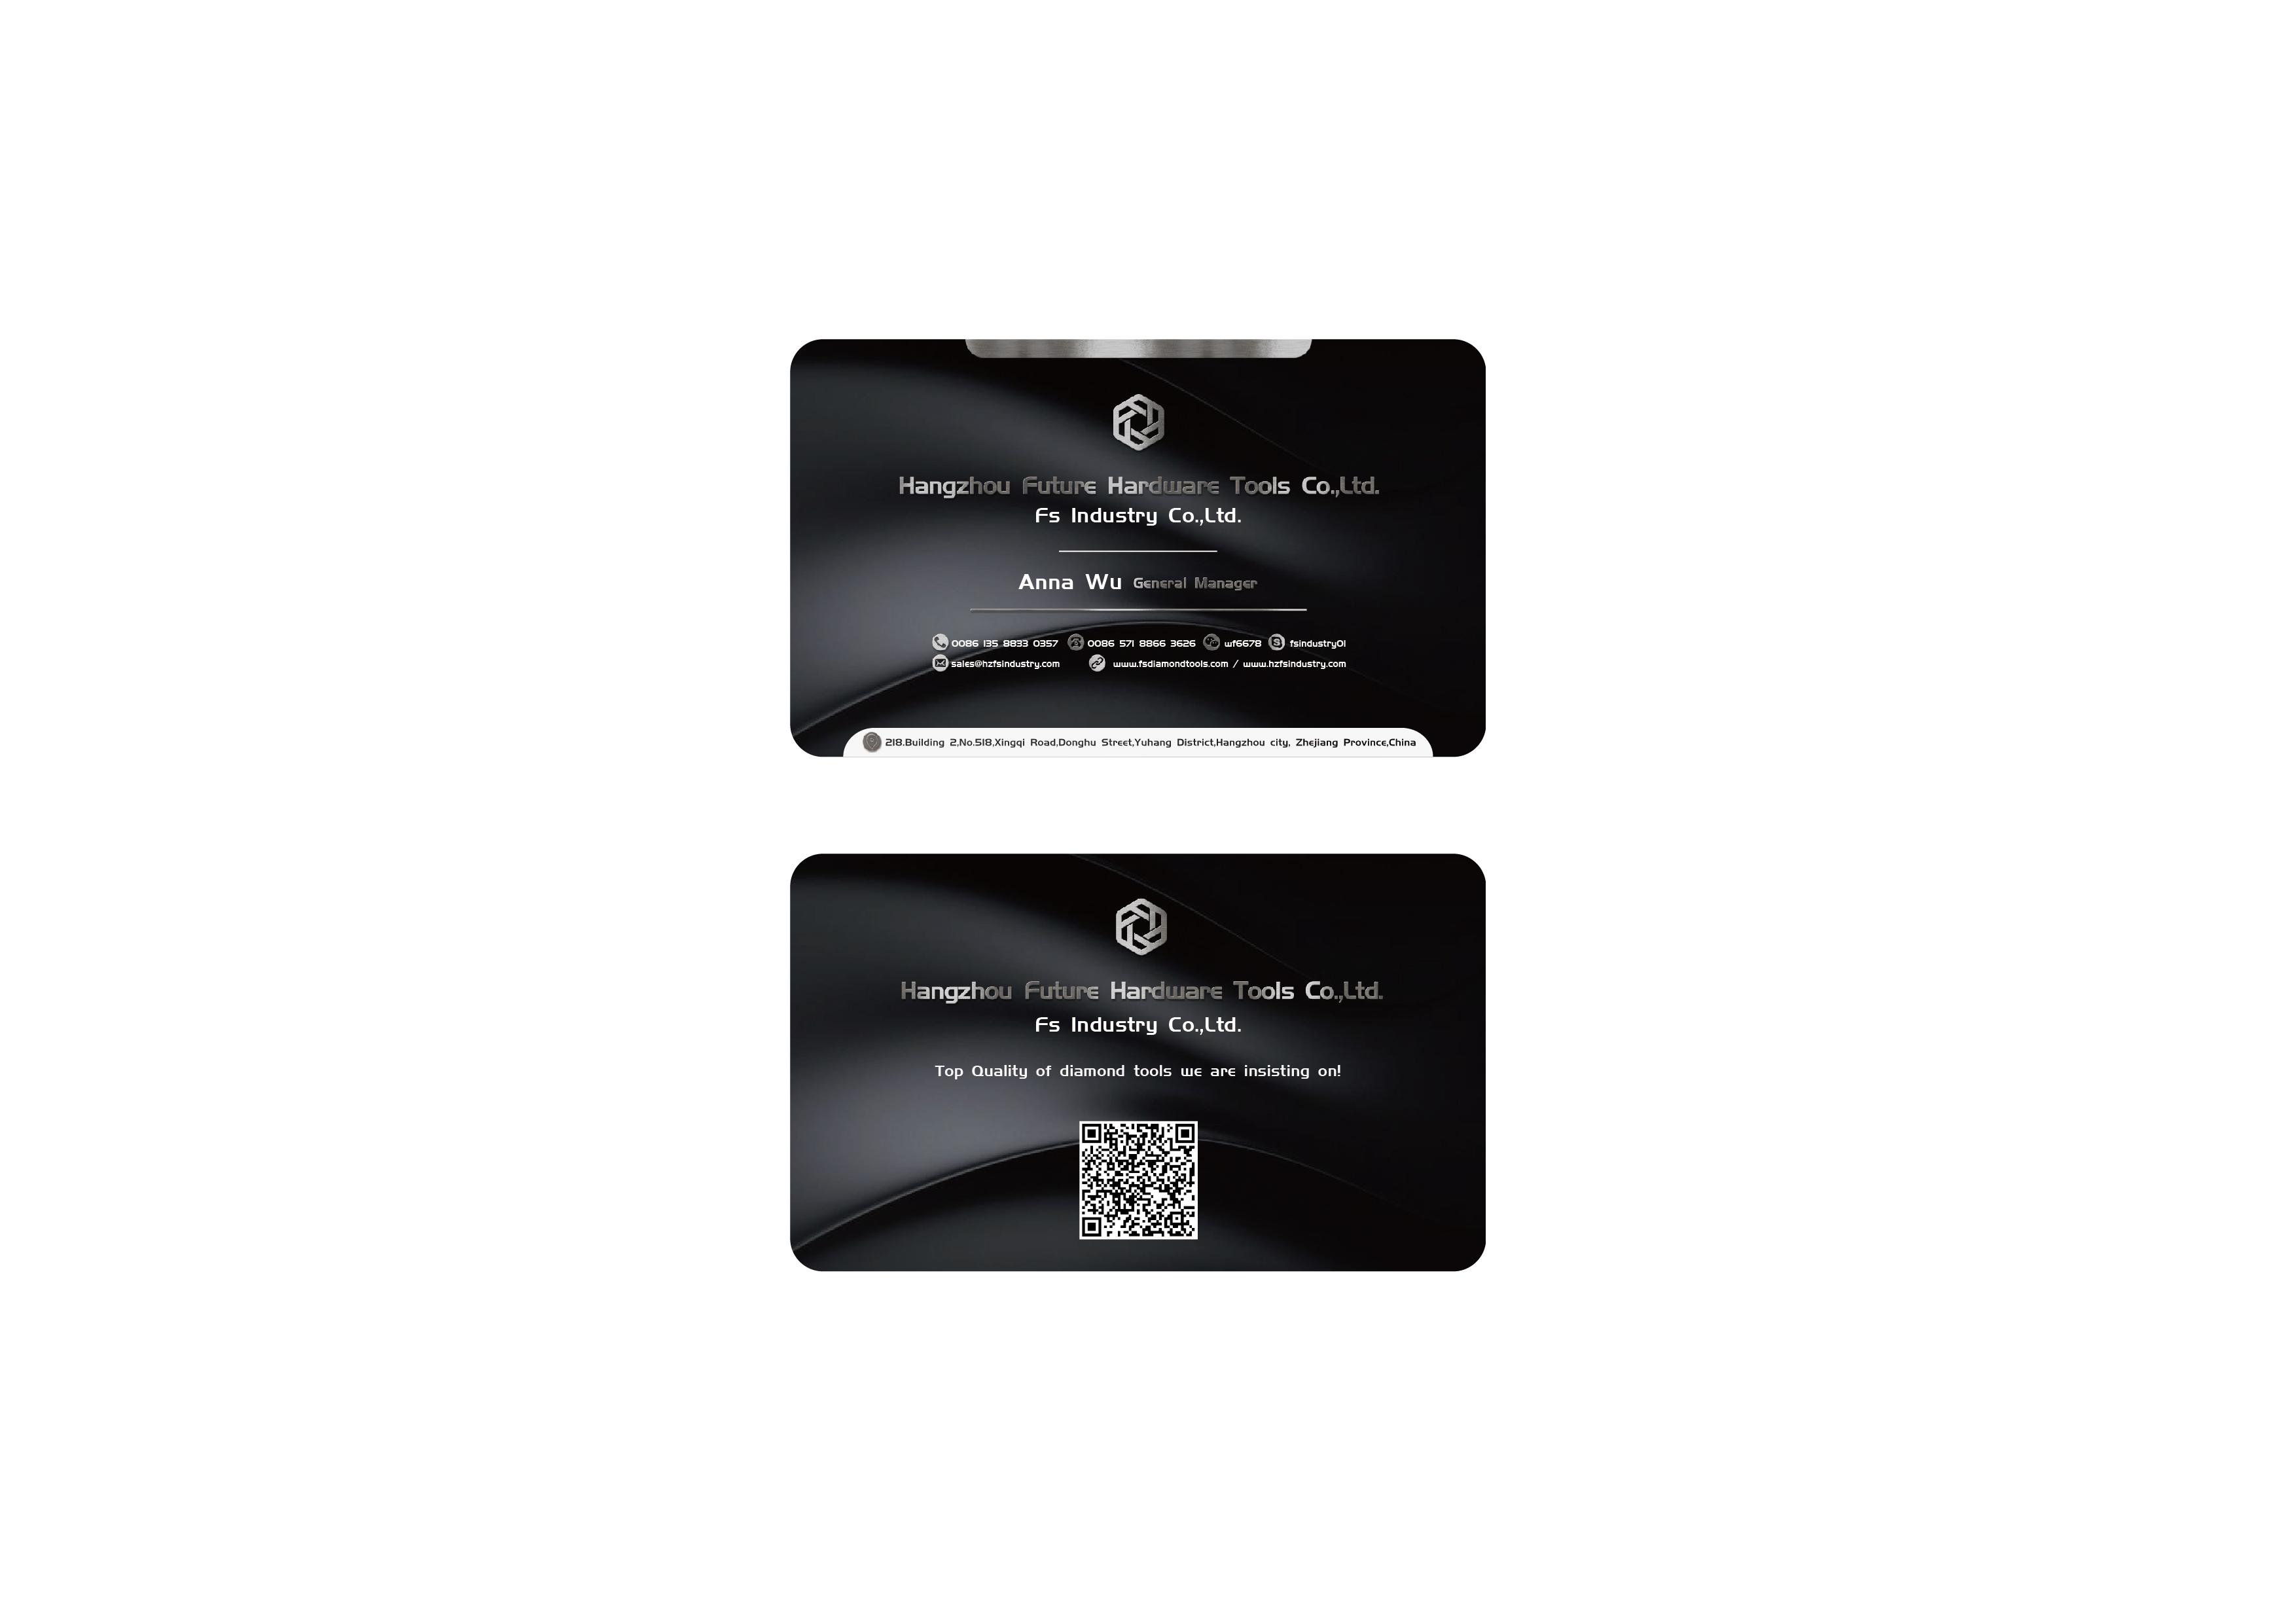 原创高端商务名片设计制作企业公司品牌个人名片设计会员卡片设计